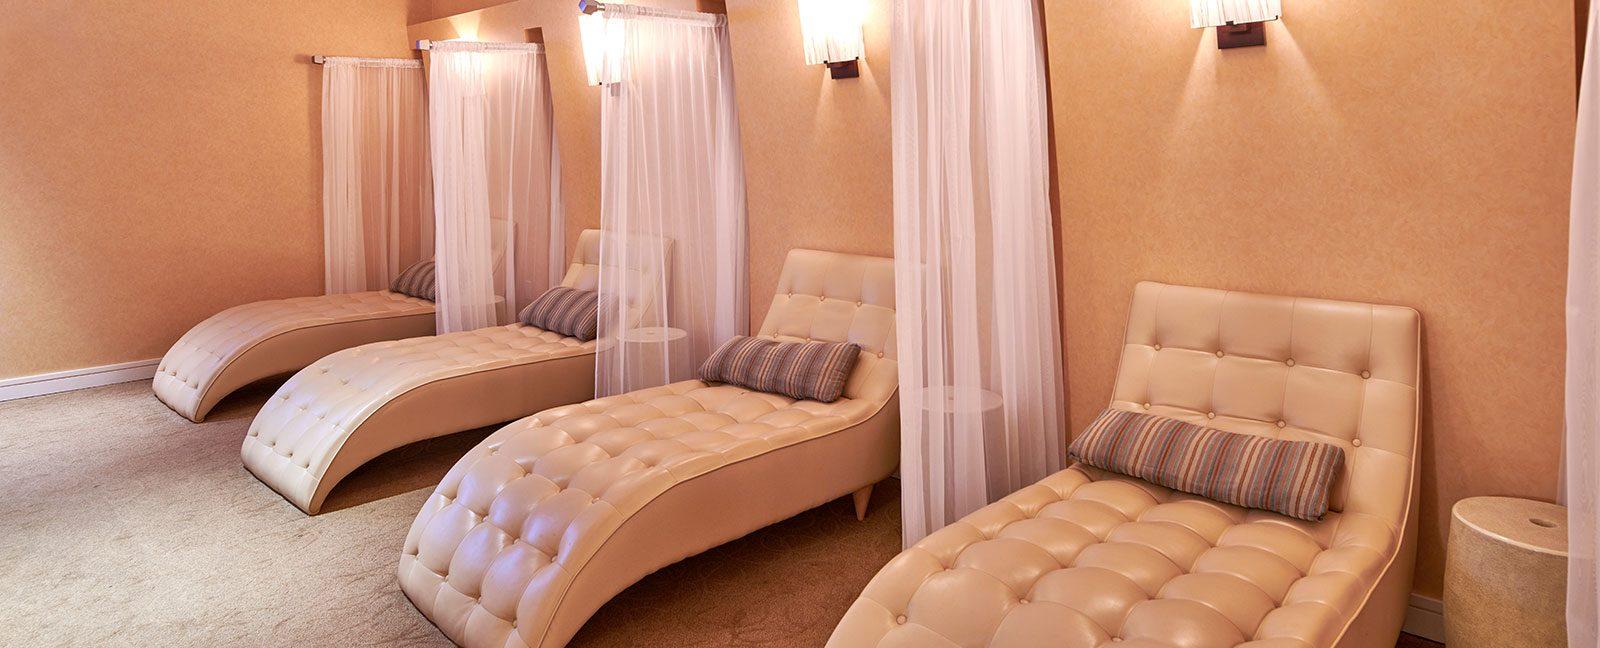 spa lounge chairs